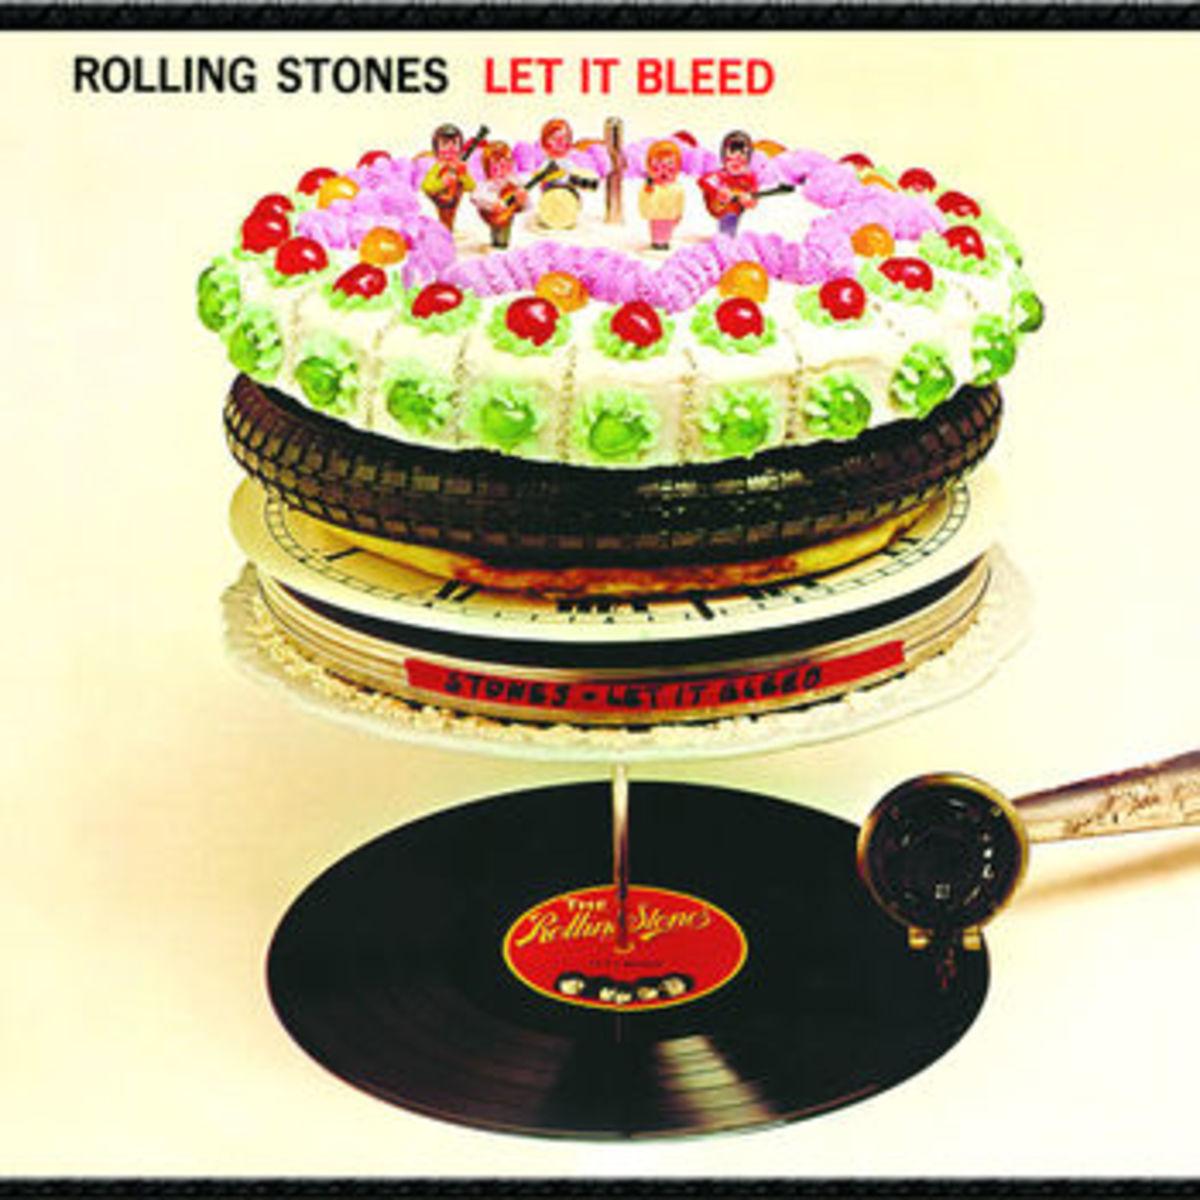 Let It Bleed, 1969.